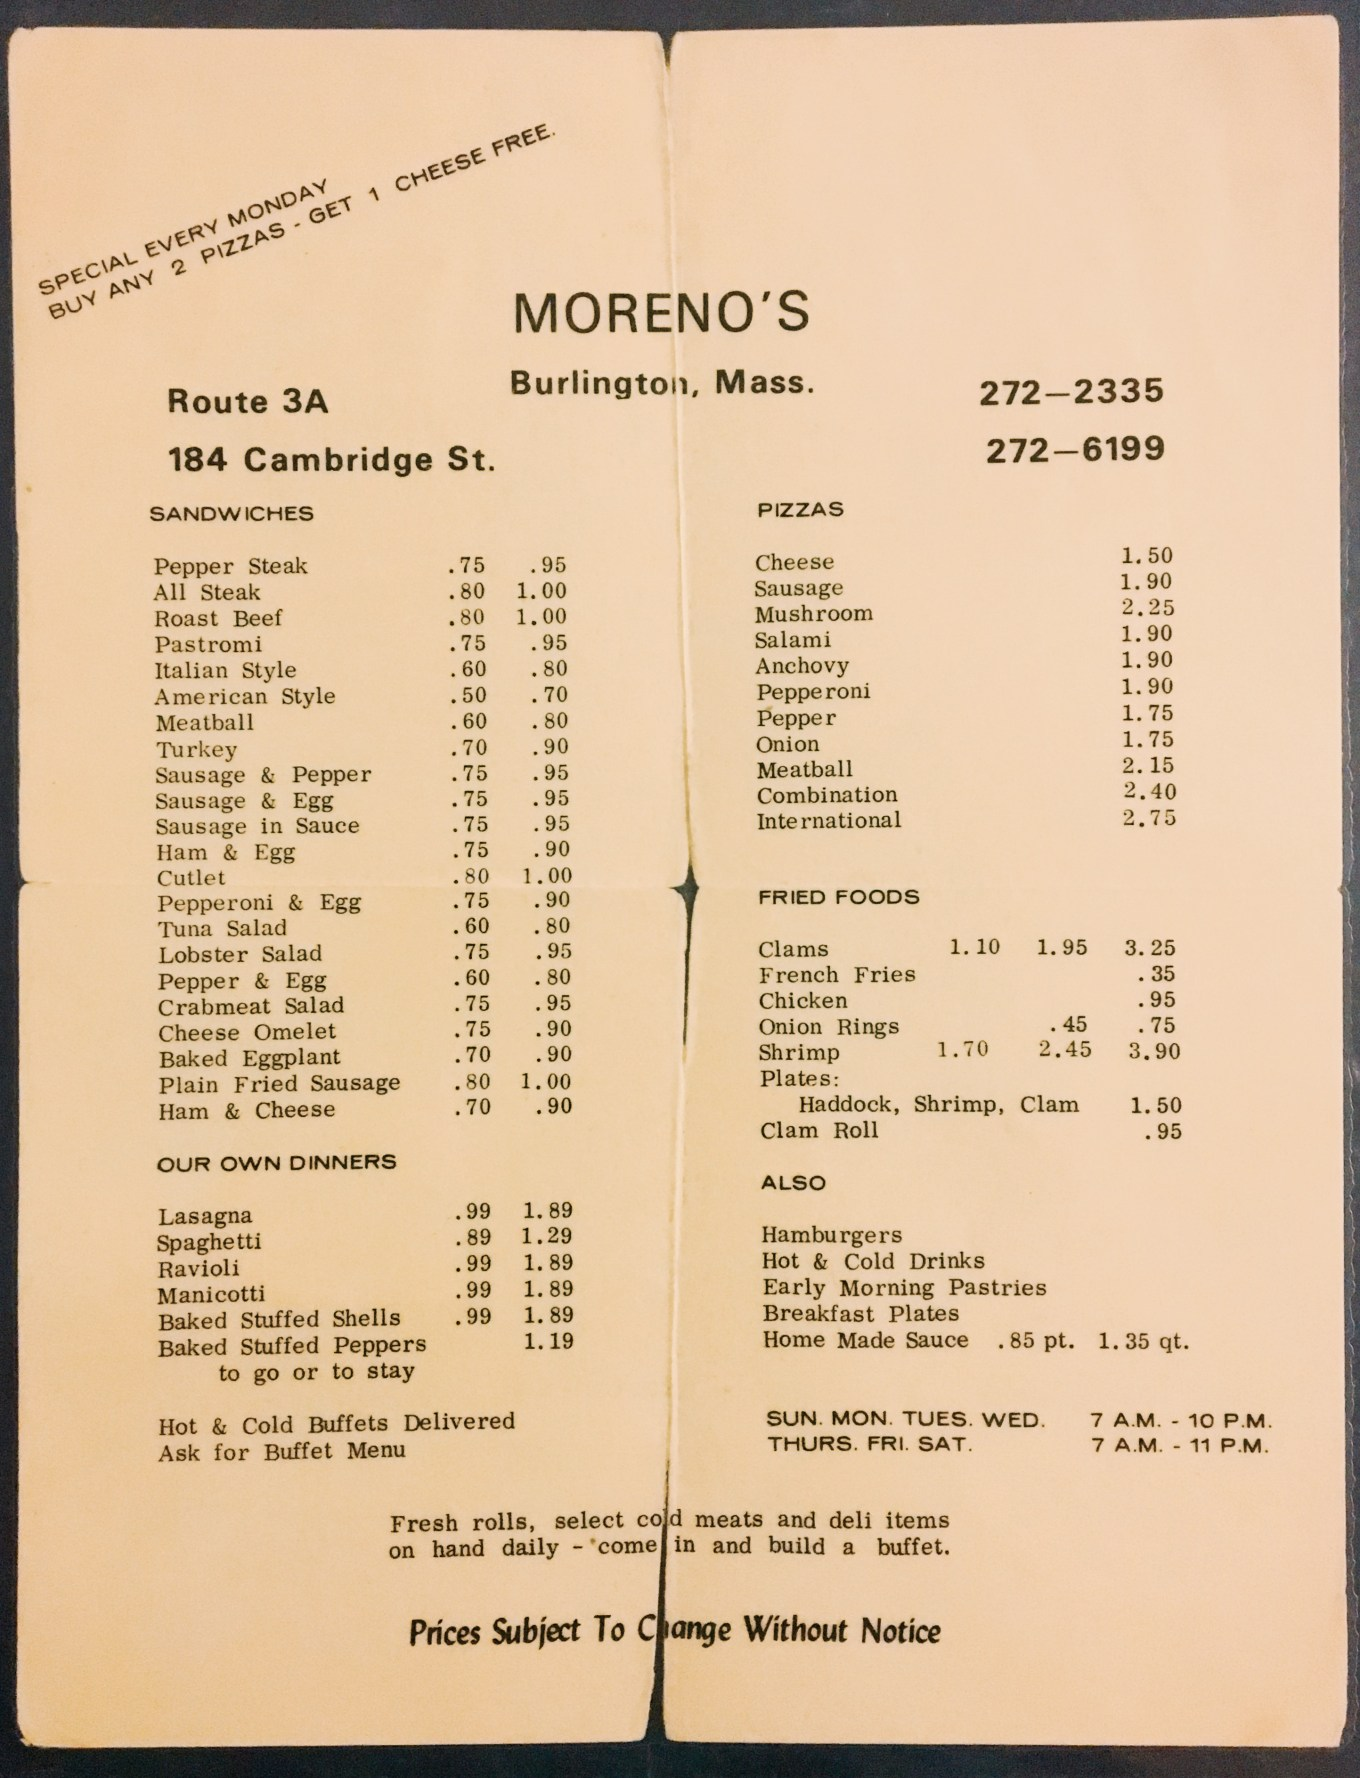 Moreno's menu